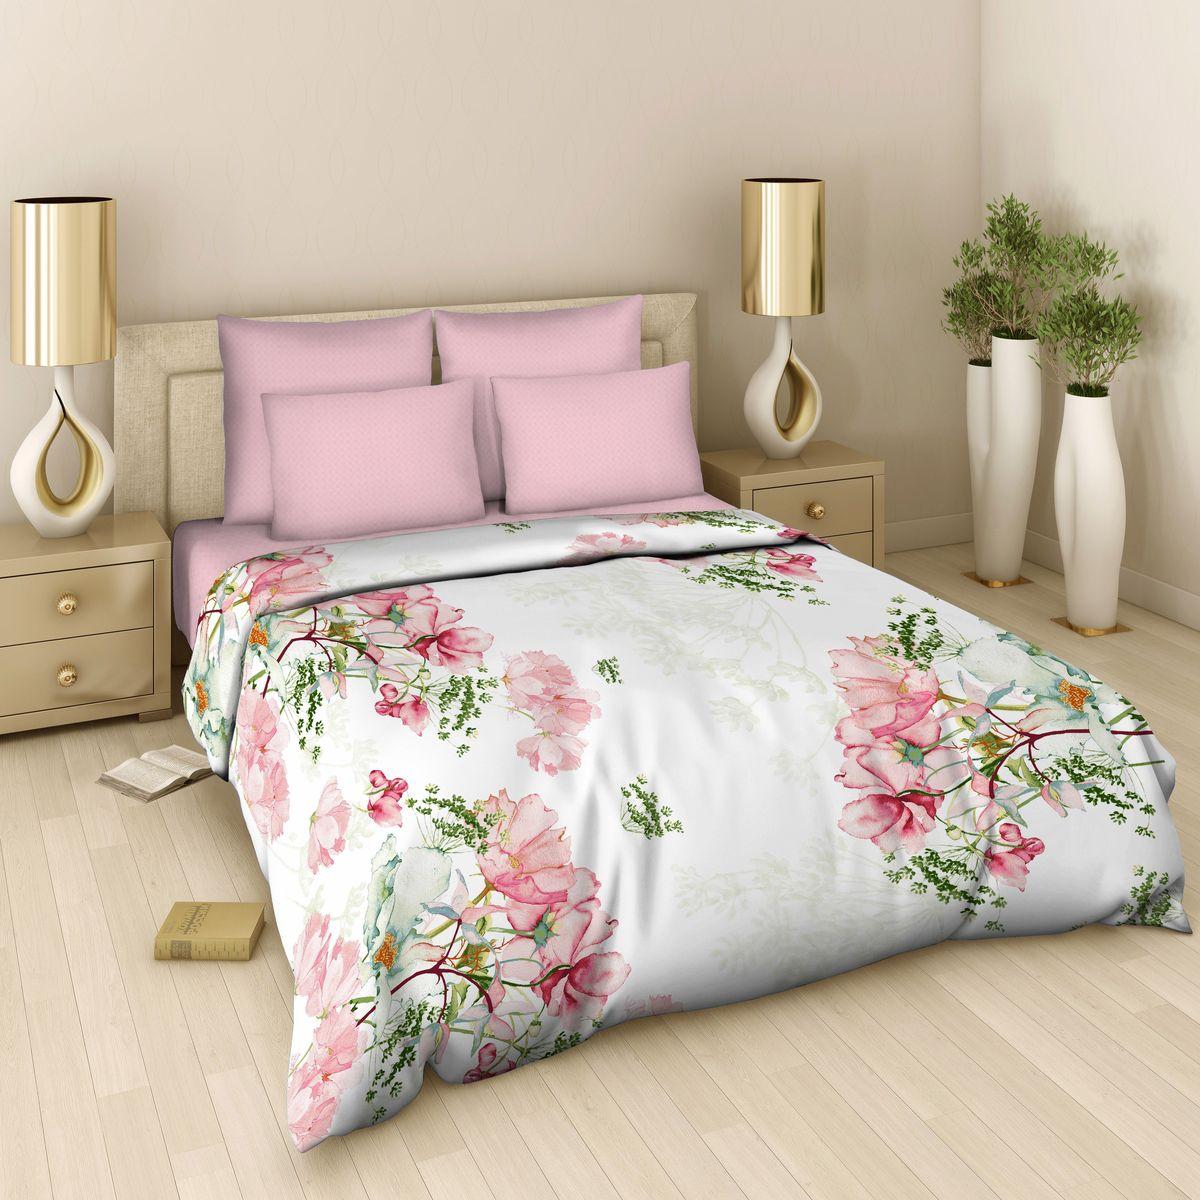 Комплект белья Василиса, 1,5-спальный, наволочки 70х70, цвет: розовый. 339/1,5 комплекты белья rhs комплект белья